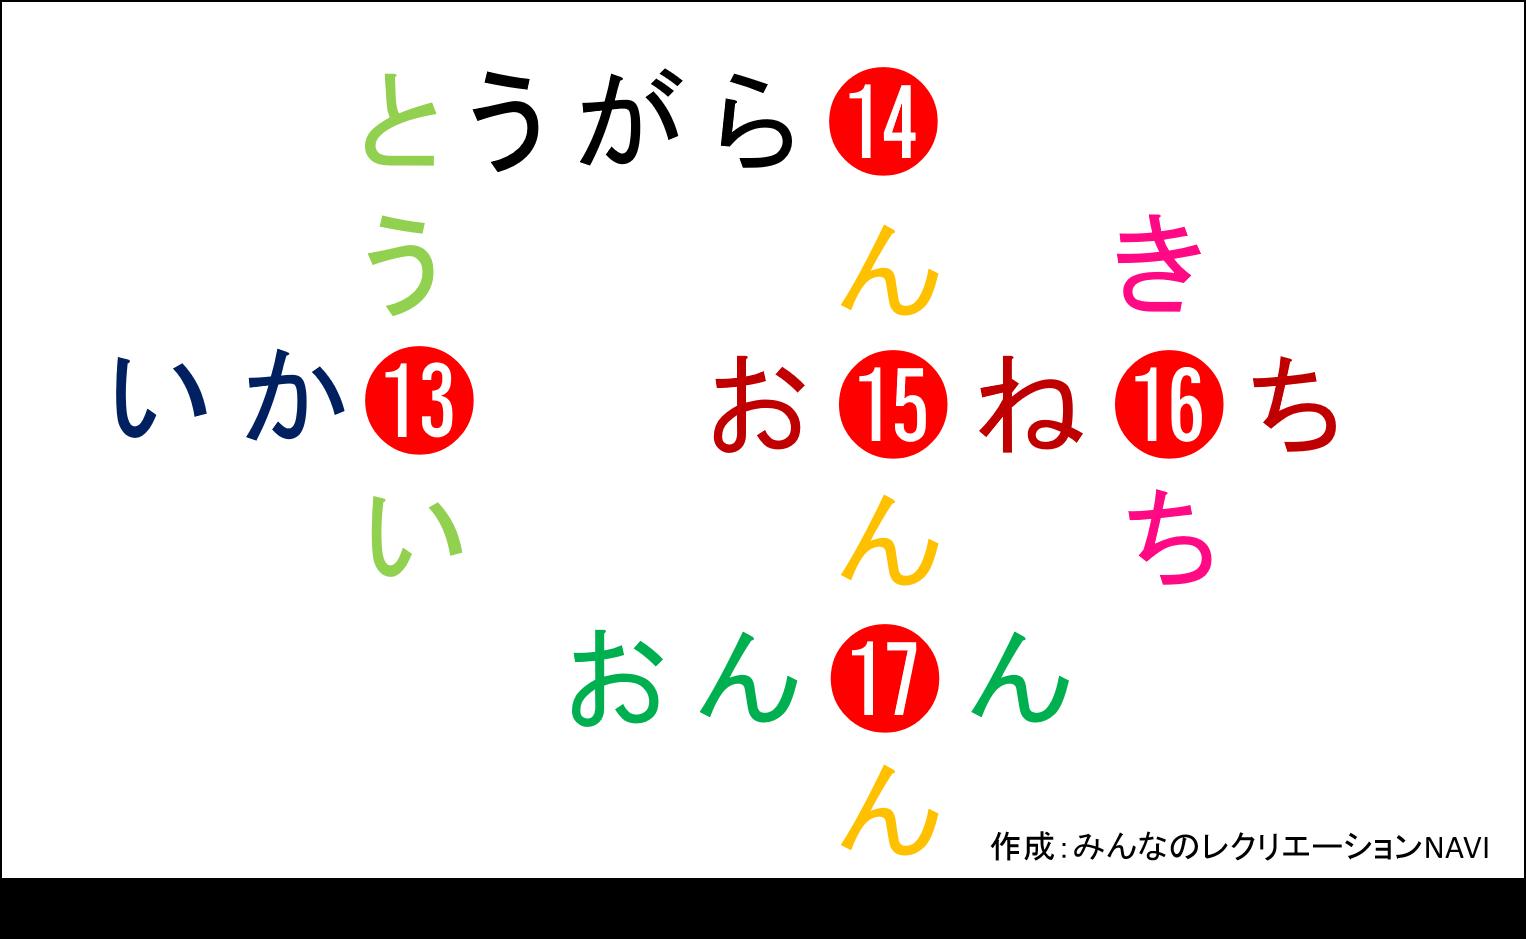 【高齢者向け脳トレ】クロスワードパズルでボケ・認知症を予防しよう!